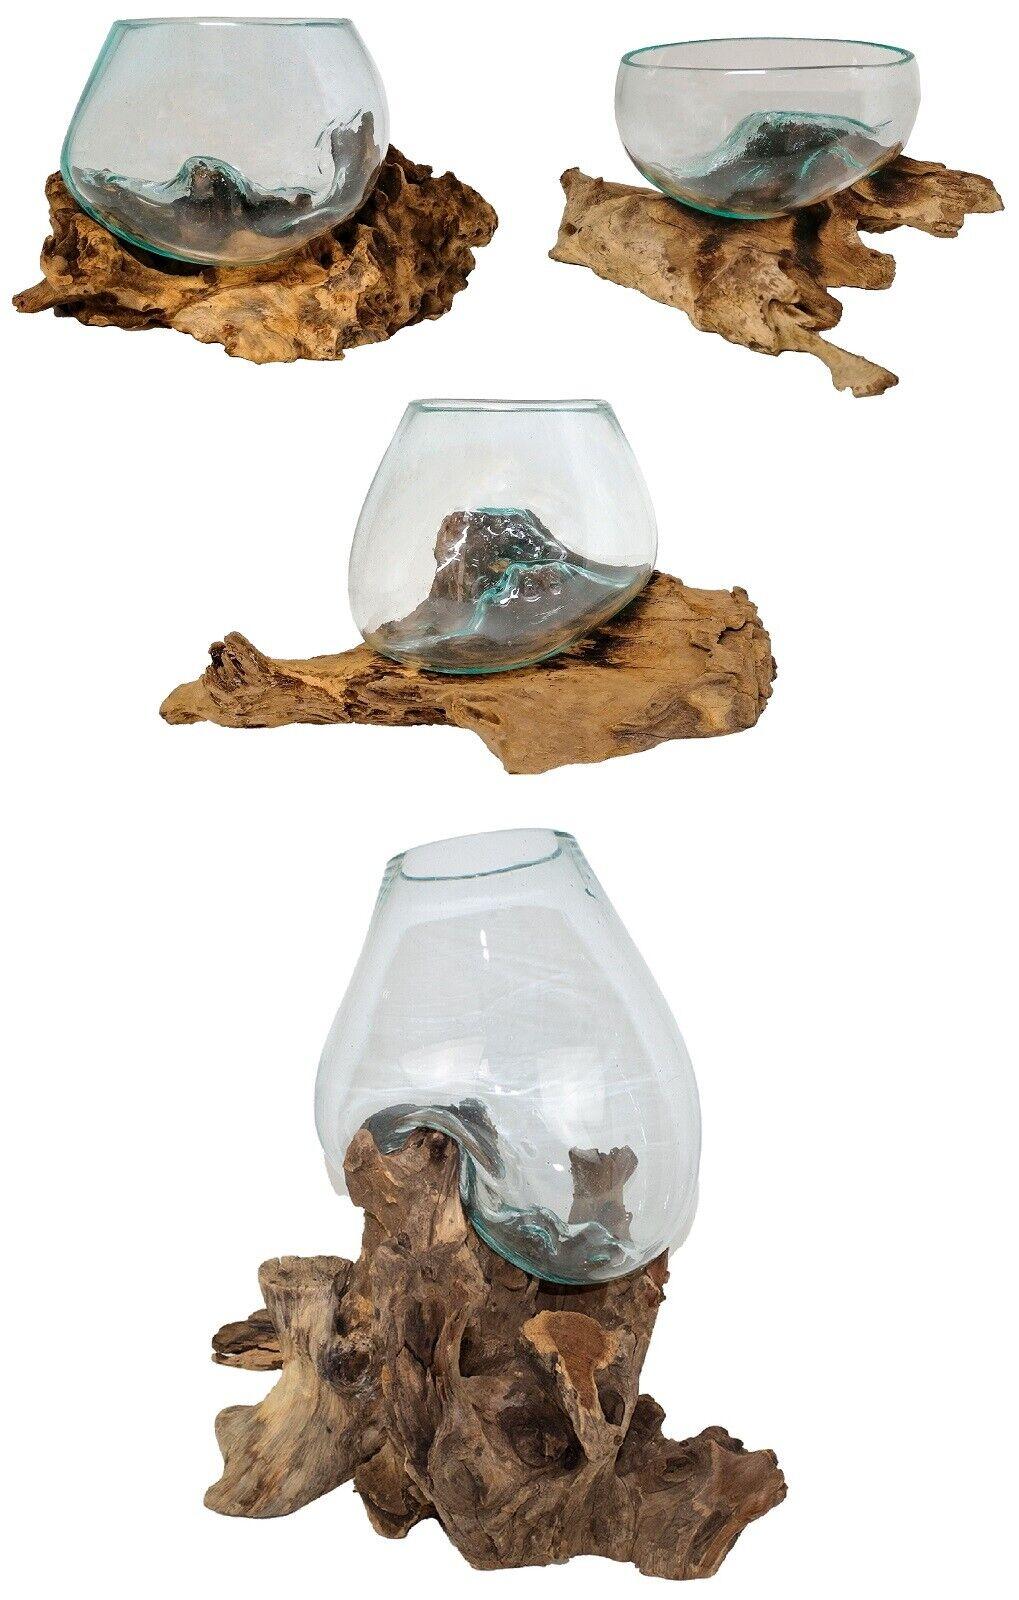 Glas auf Wurzel Teakholz, Blumenvase, Kugelvase, Glasvase, Wurzel mit Glas, Deko